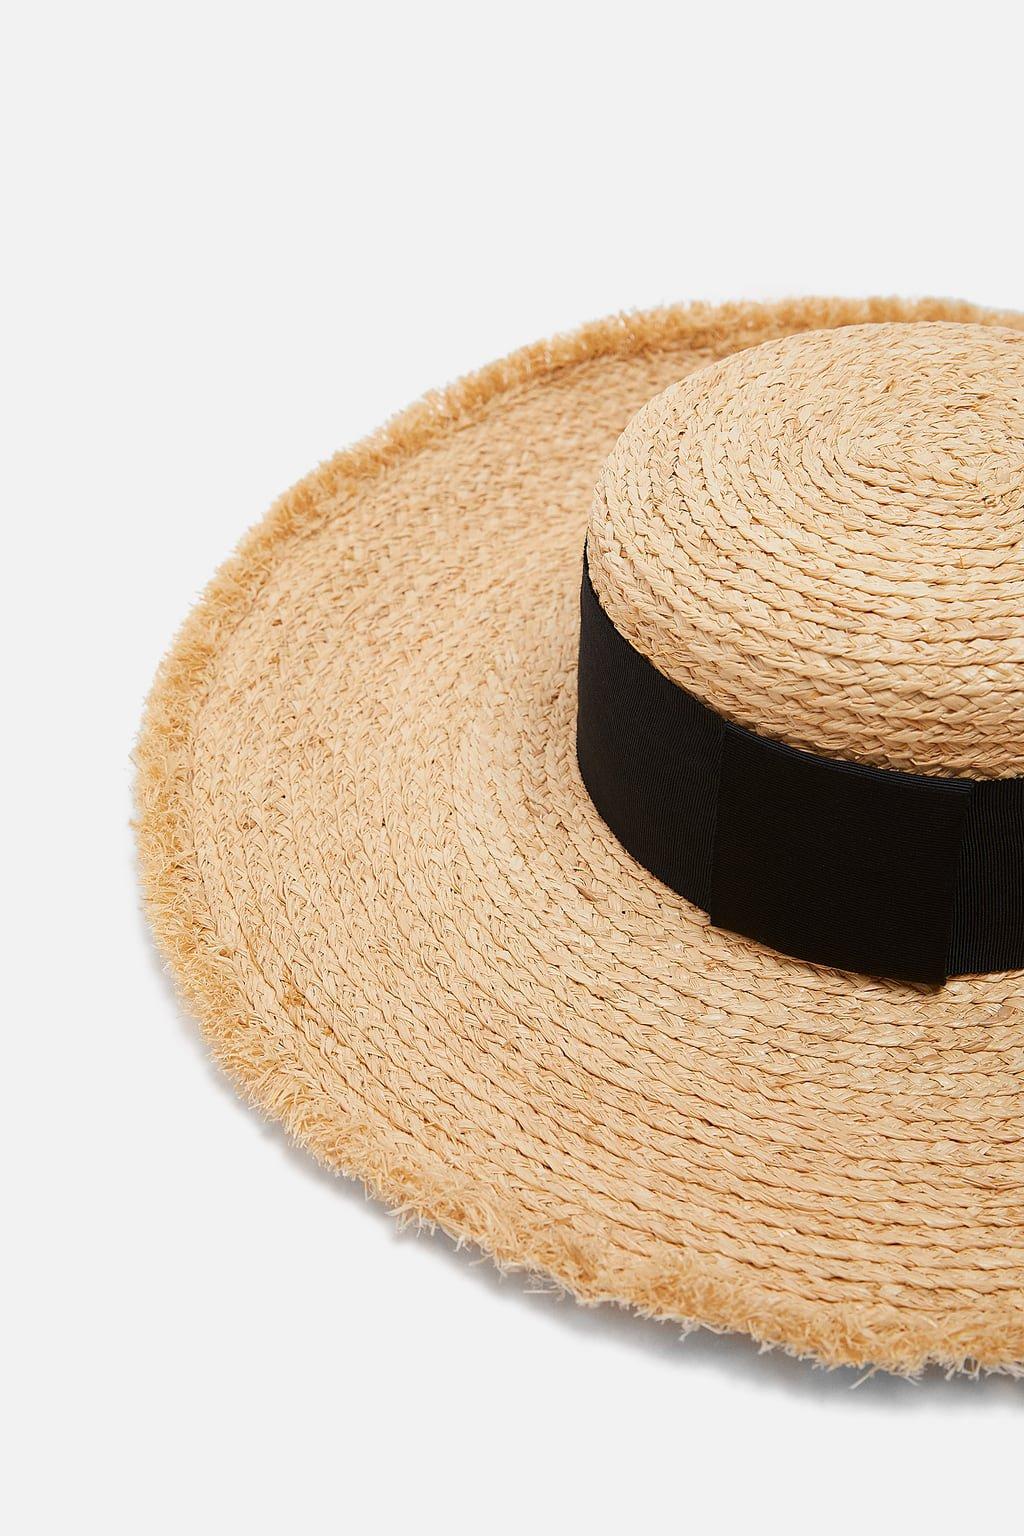 SOMBRERO RAFIA CINTA - Sombreros | Turbantes-ACCESORIOS-MUJER | ZARA España